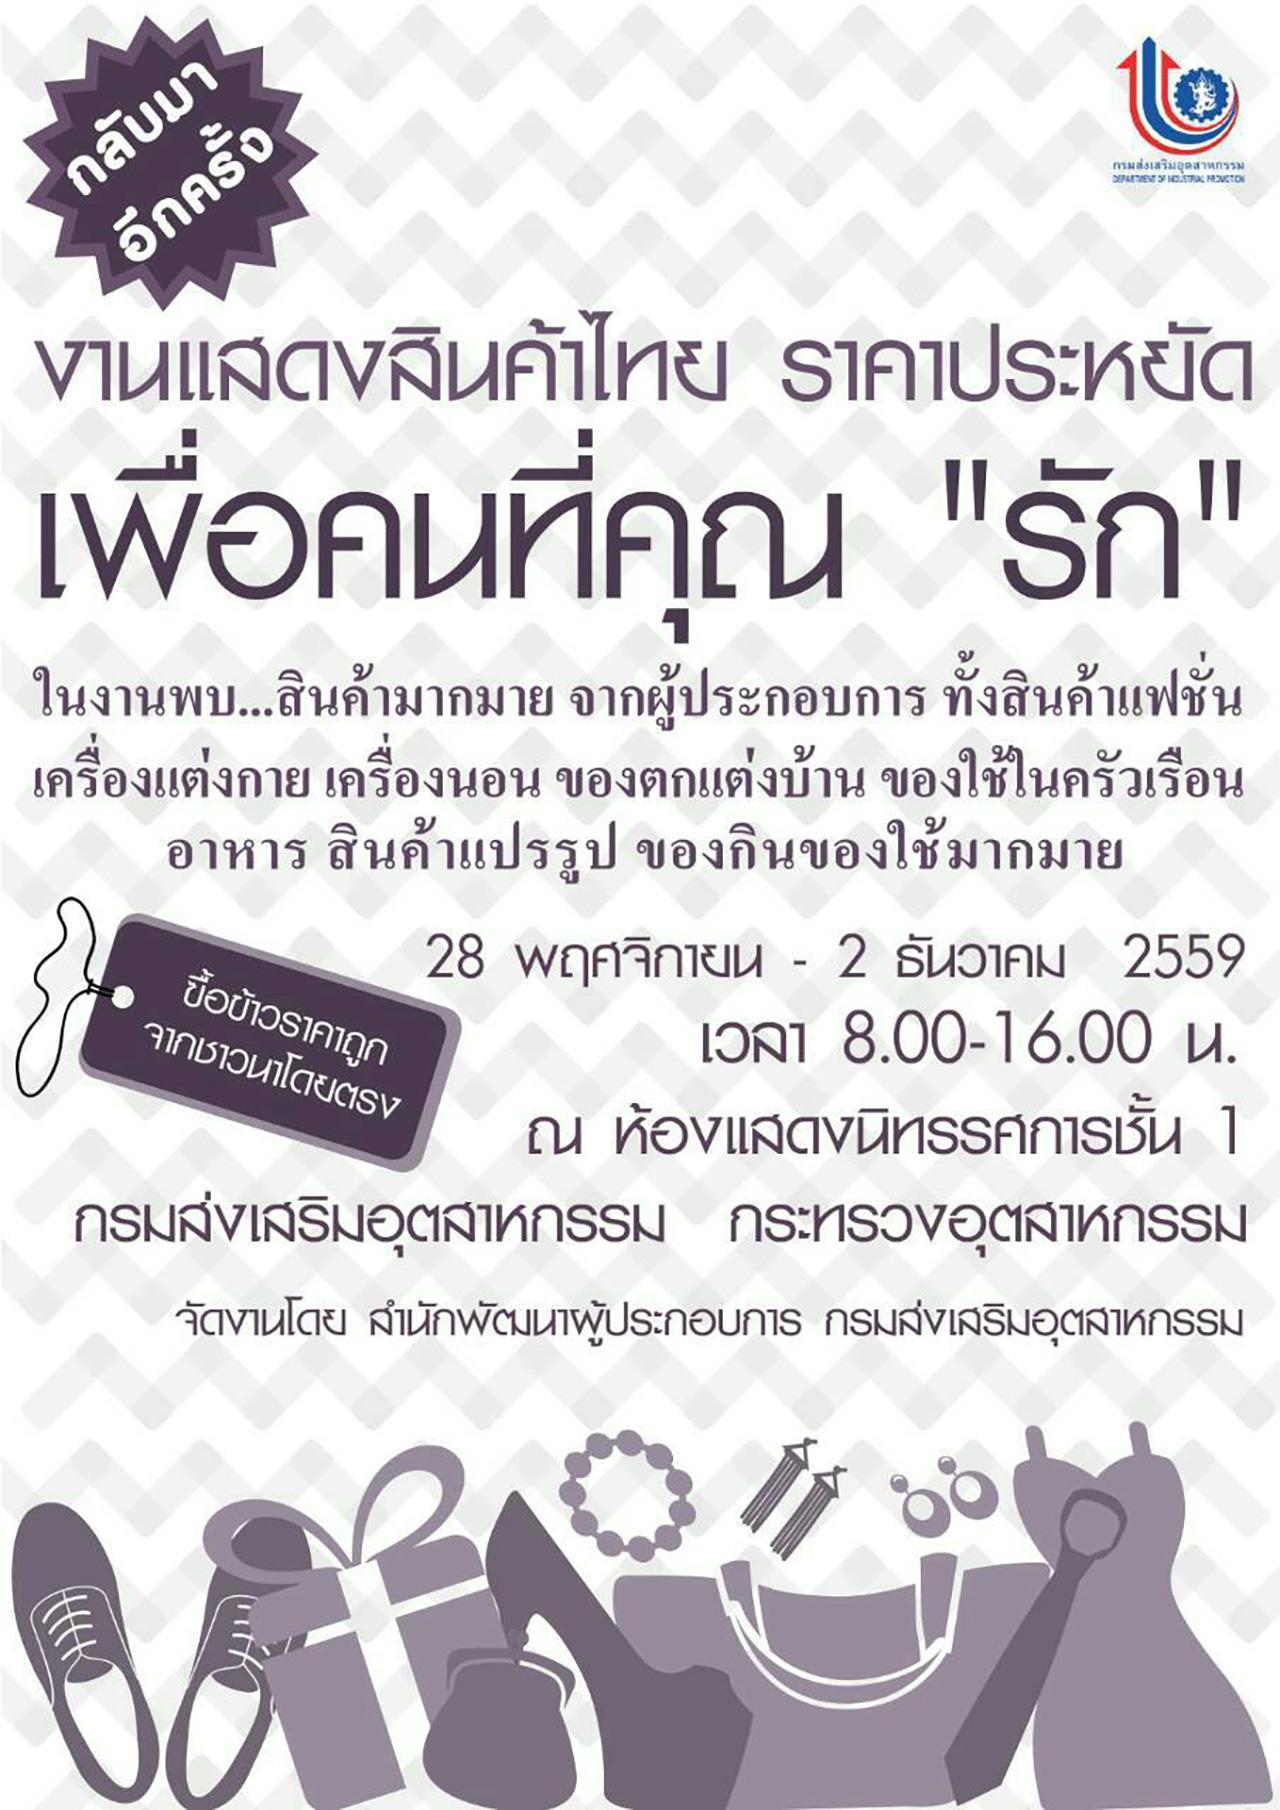 ช็อปสินค้าไทยช่วยคนไทย